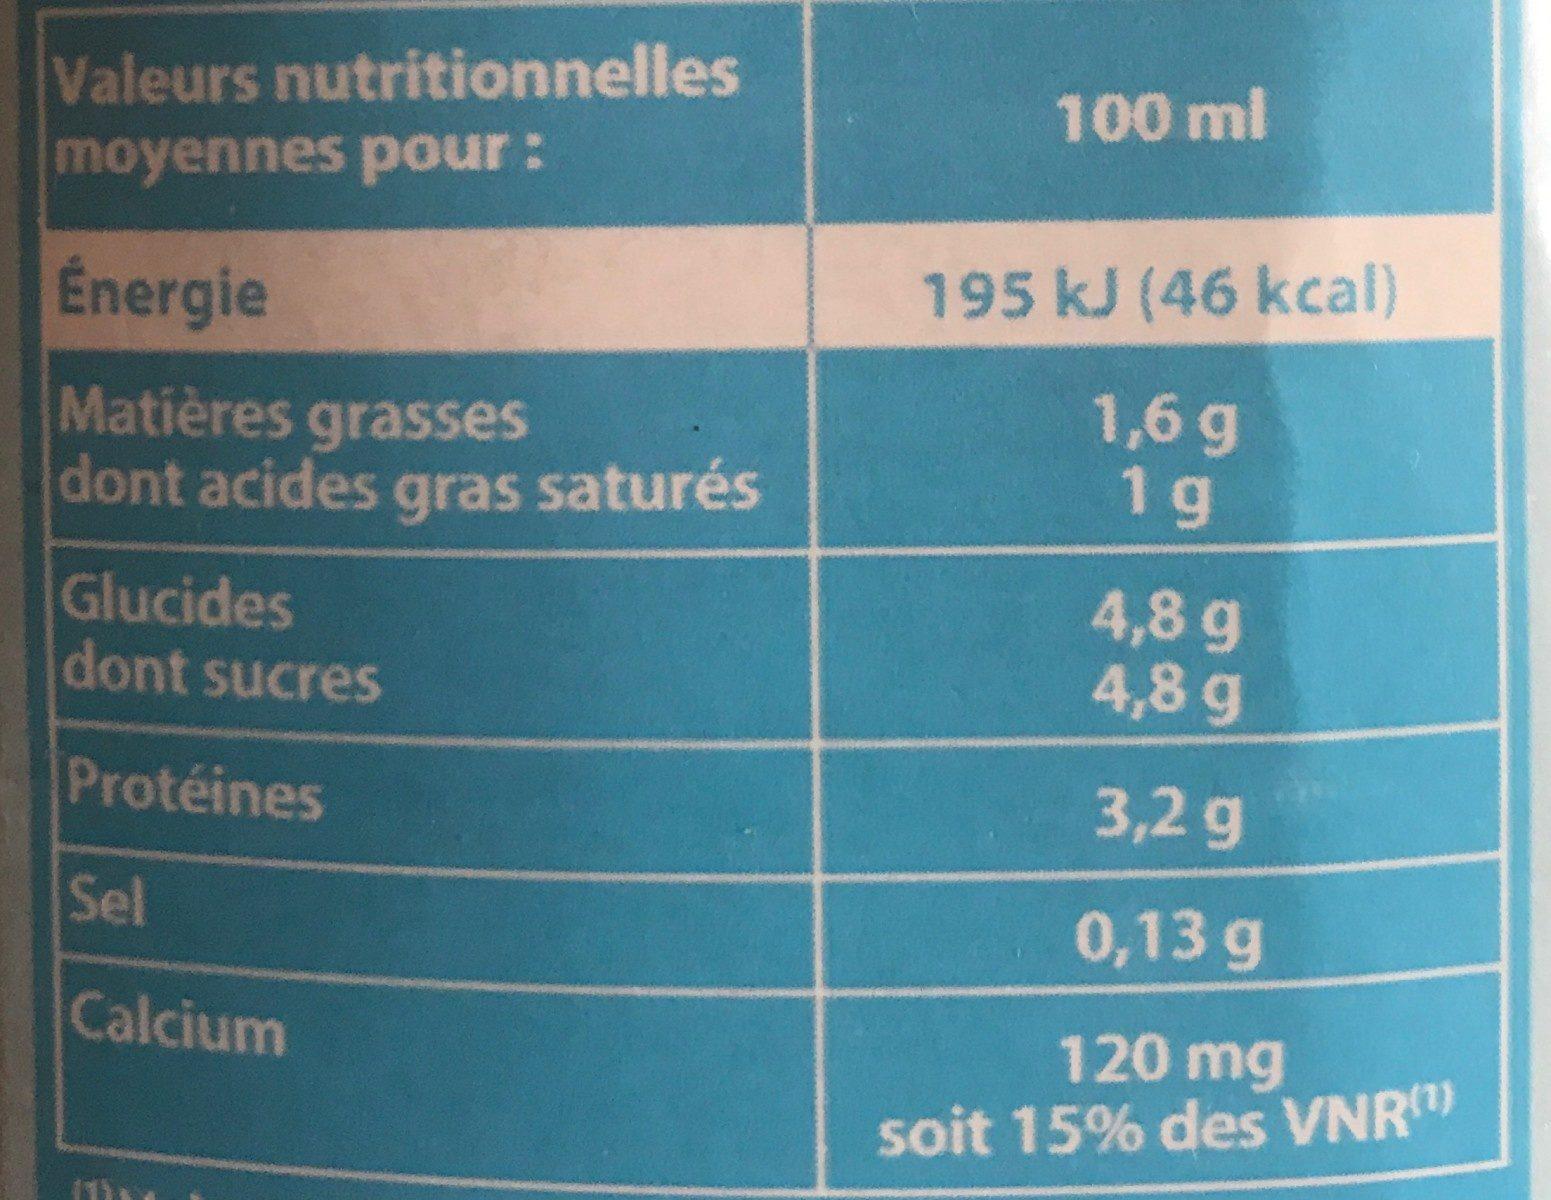 Lait Demi Ecrémé Pâturages - Ingredients - fr